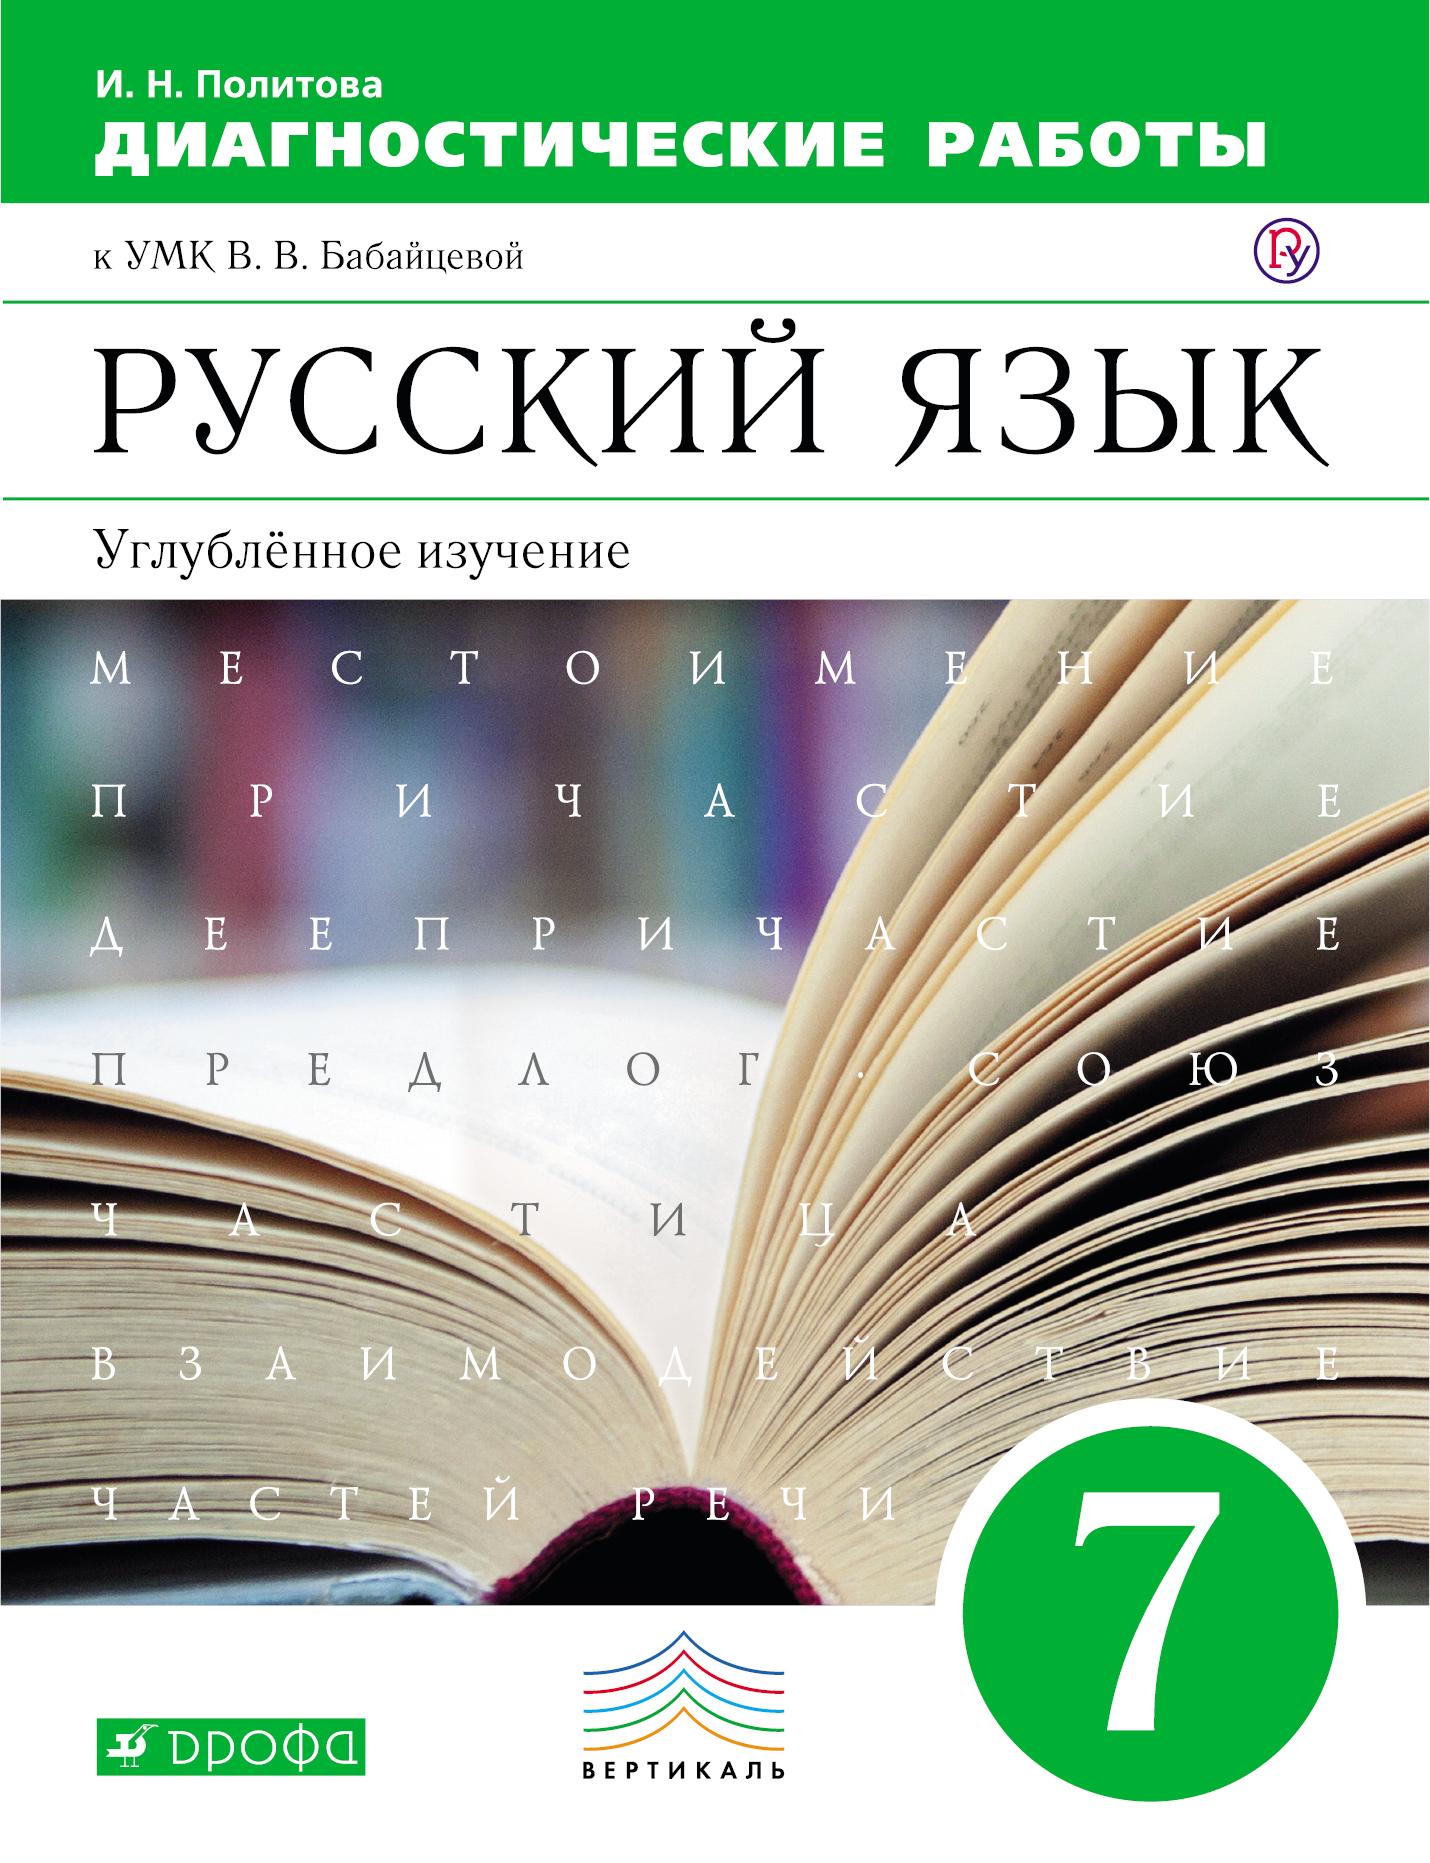 Бабайцева. Русский язык. Диагностические работы. 7 кл. (Угл. изуч) ВЕРТИКАЛЬ